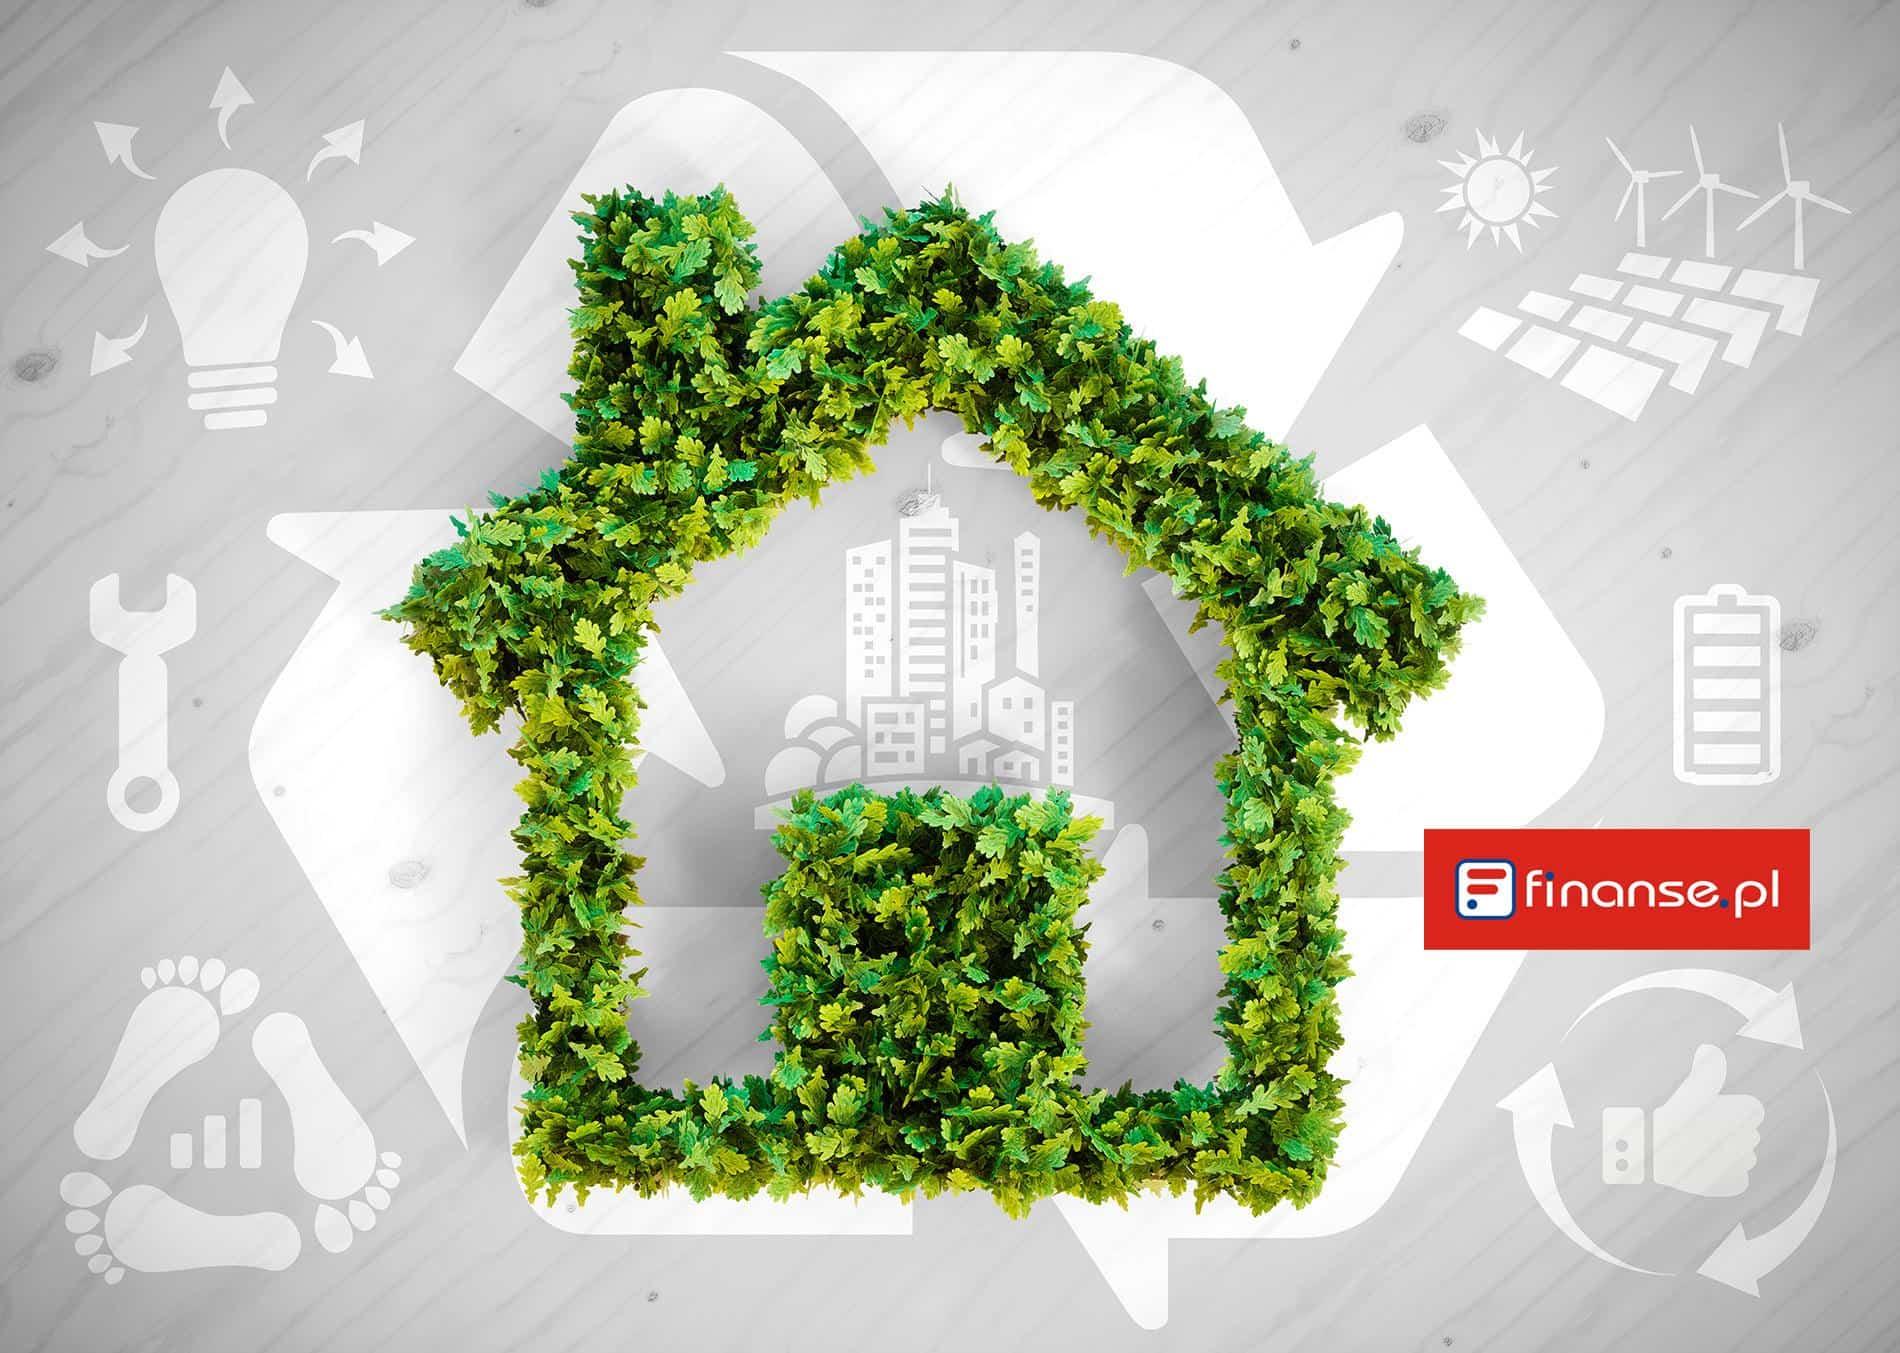 dom energoszczędny infografika